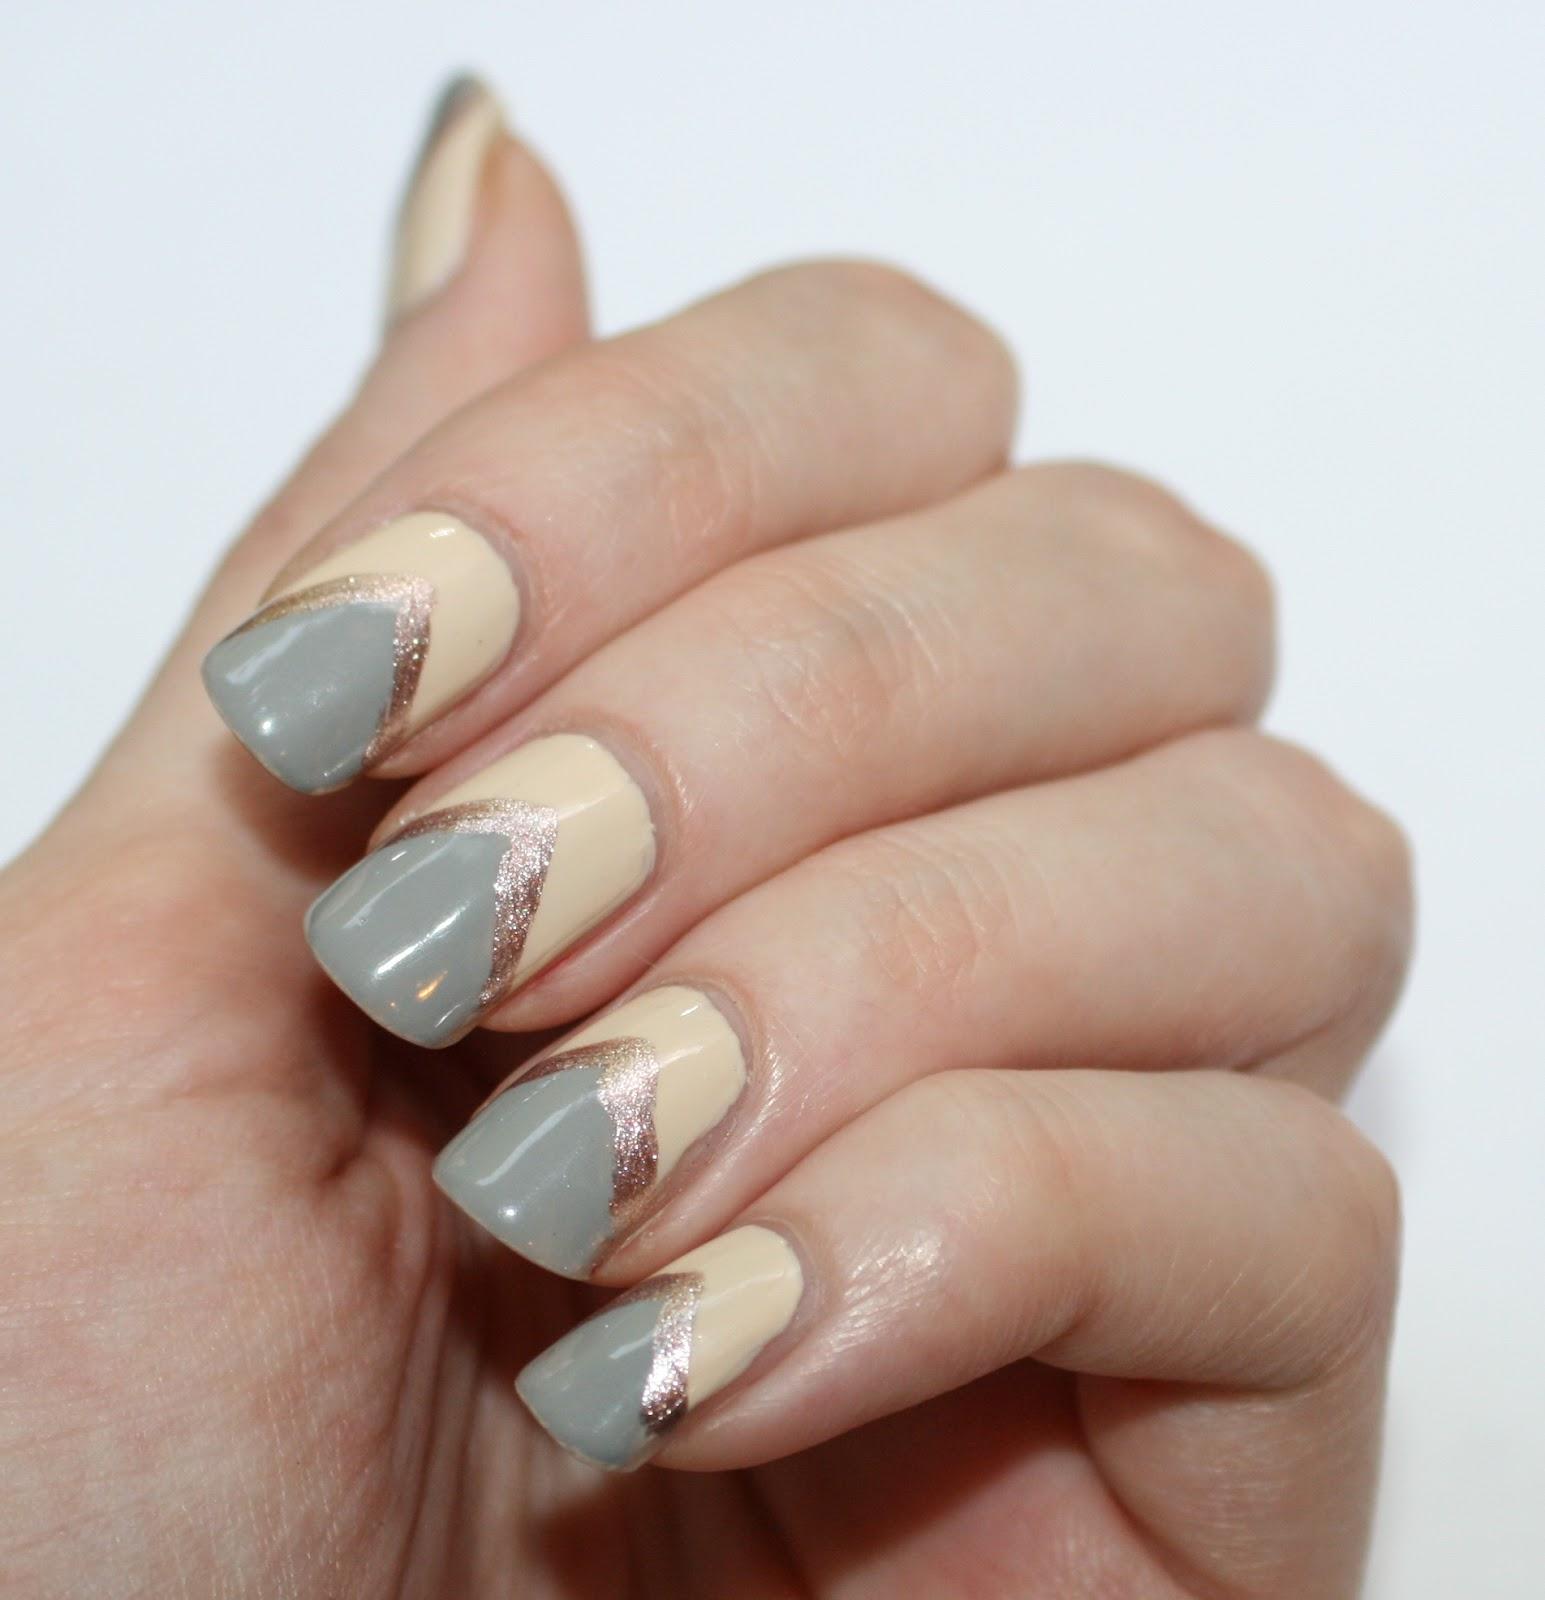 evlady: Mixed Neutrals Nail Art